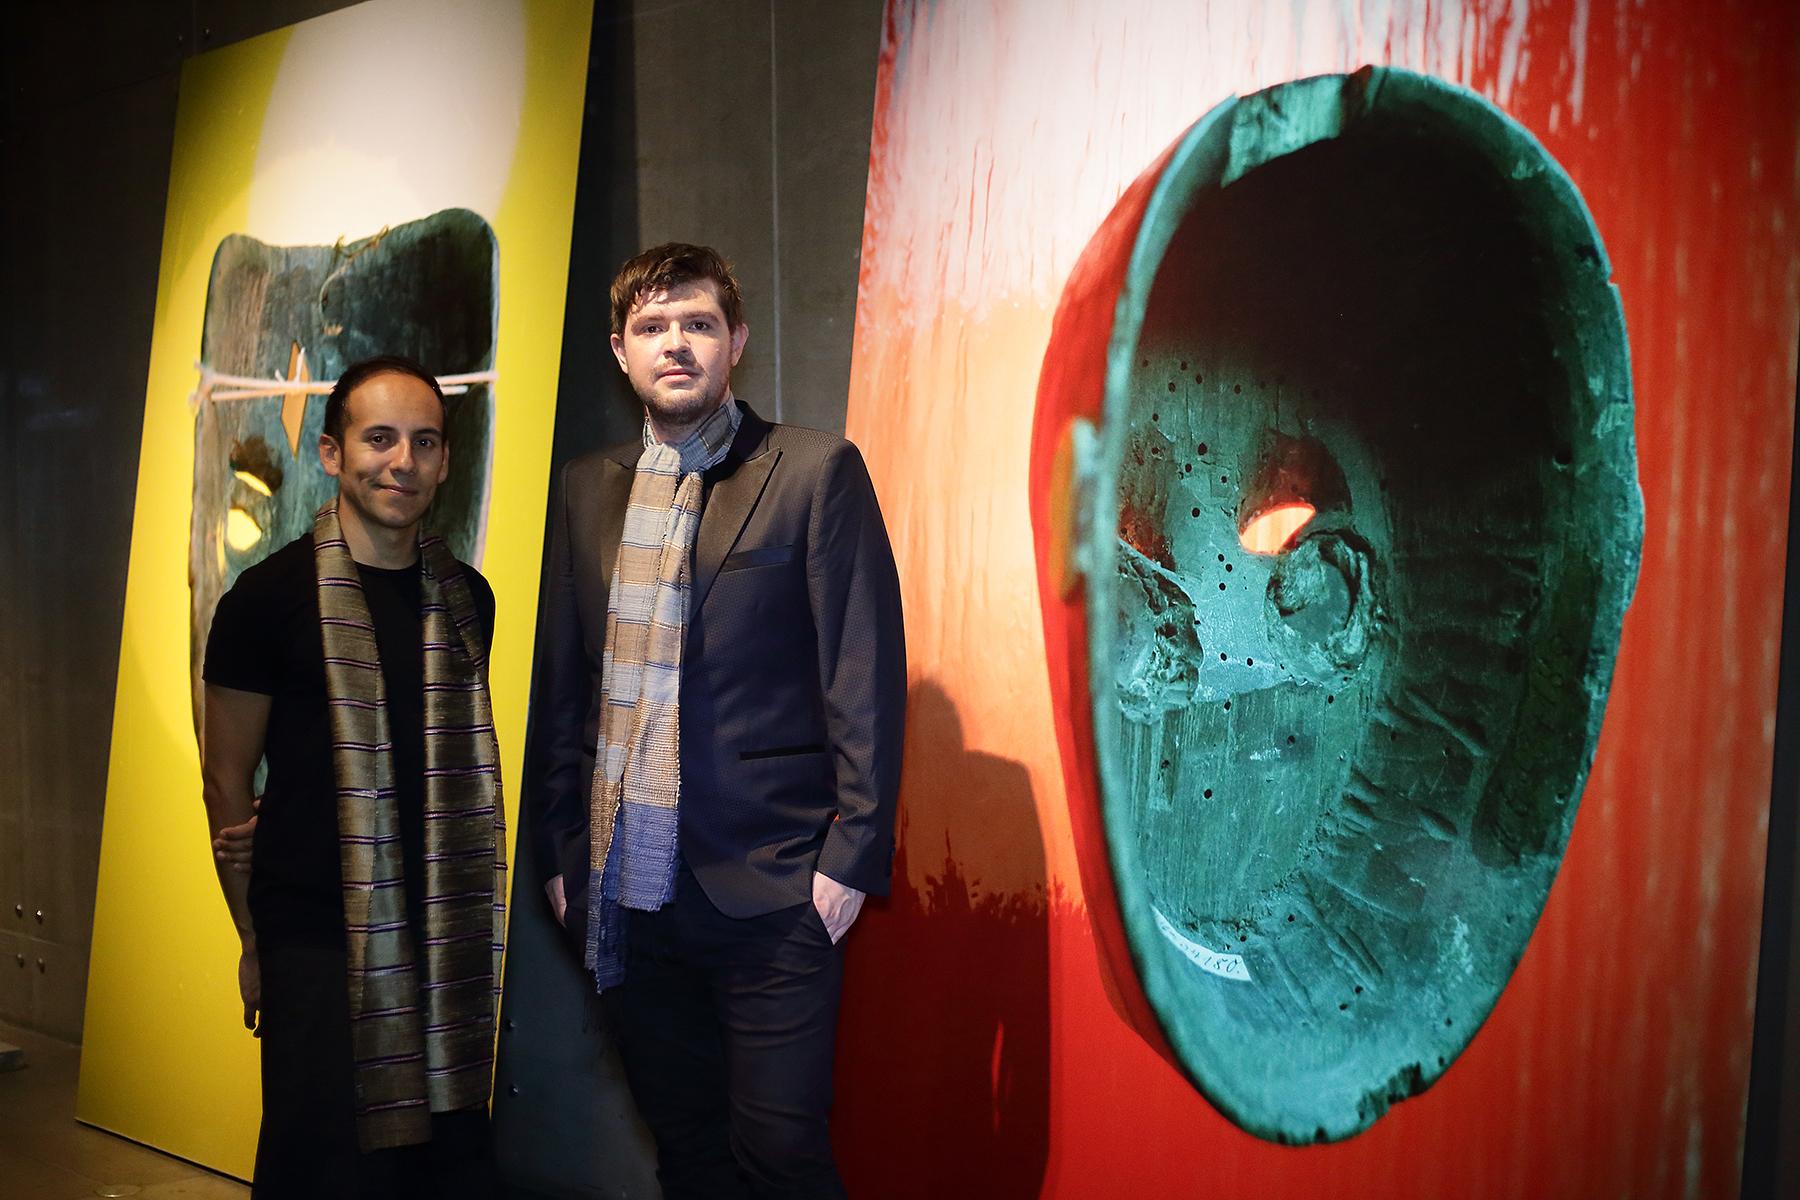 นิทรรศการใหม่ของหอศิลป์บ้านจิม ทอมป์สัน งาน 'Soil and Stones, Souls and Songs'